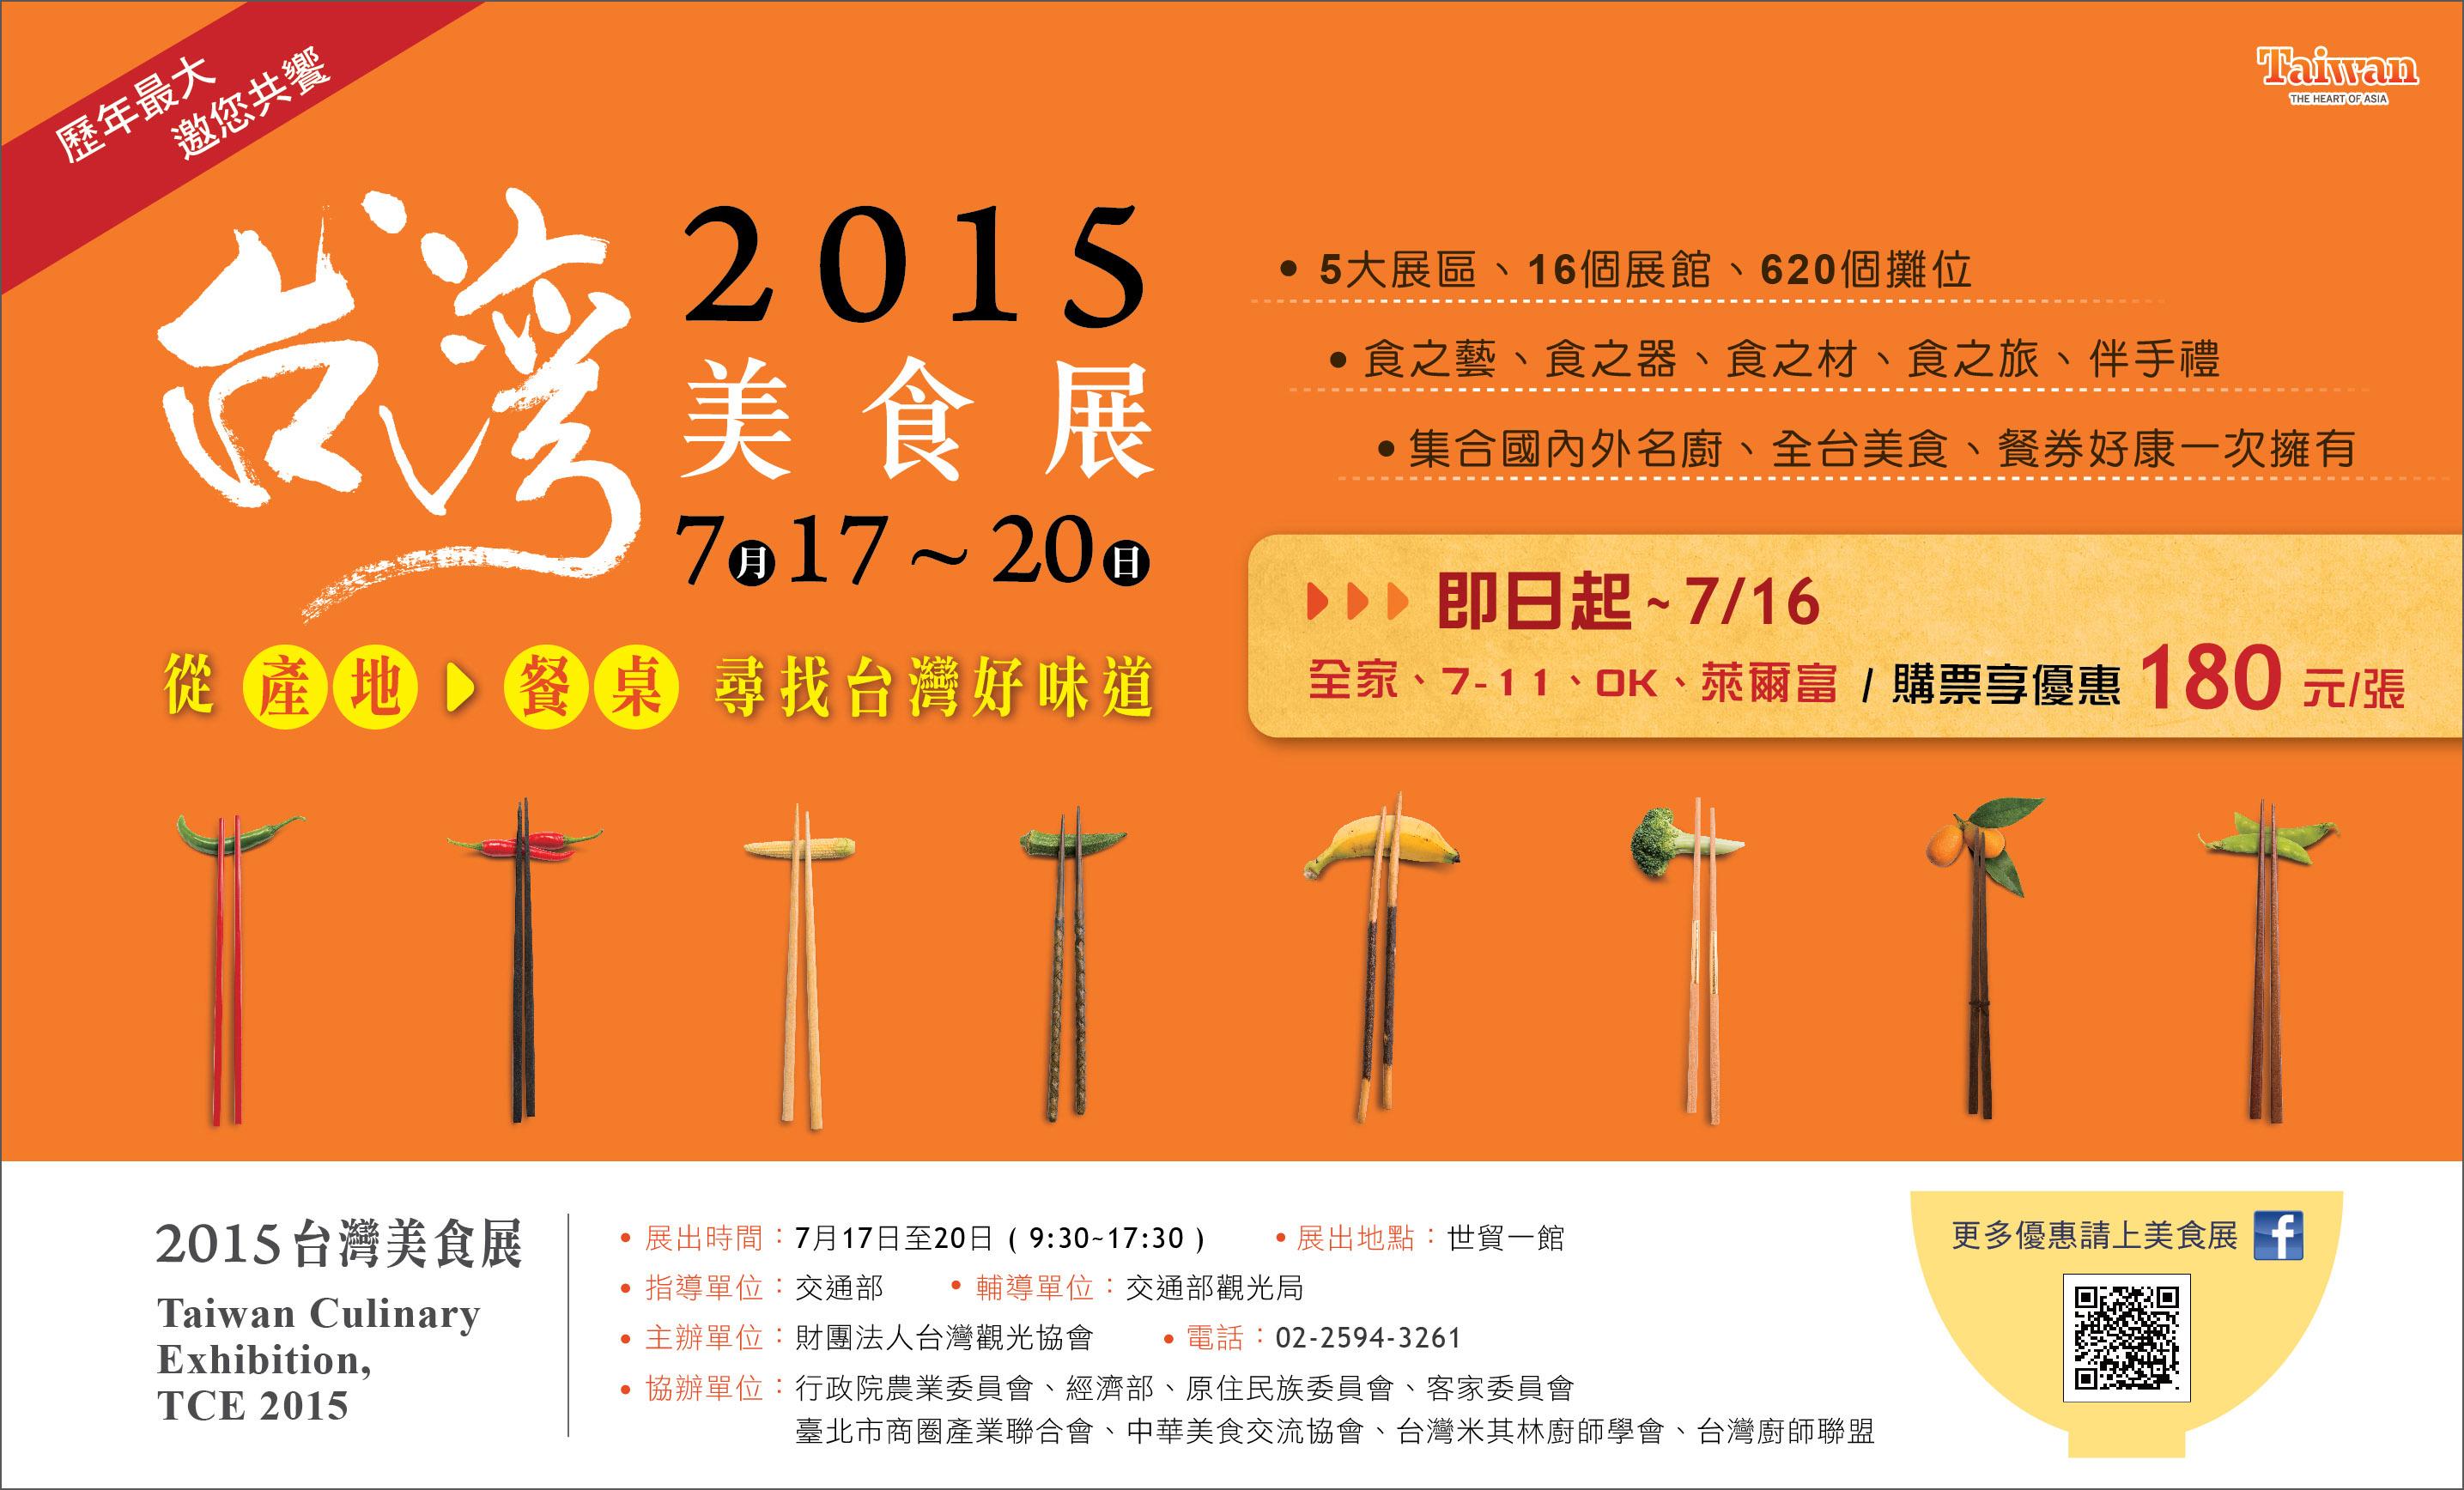 跟著 Mikey 一家去旅行 - 【 好康快報 】2015 TCE 台灣美食展 - 飯店餐券優惠彙整表